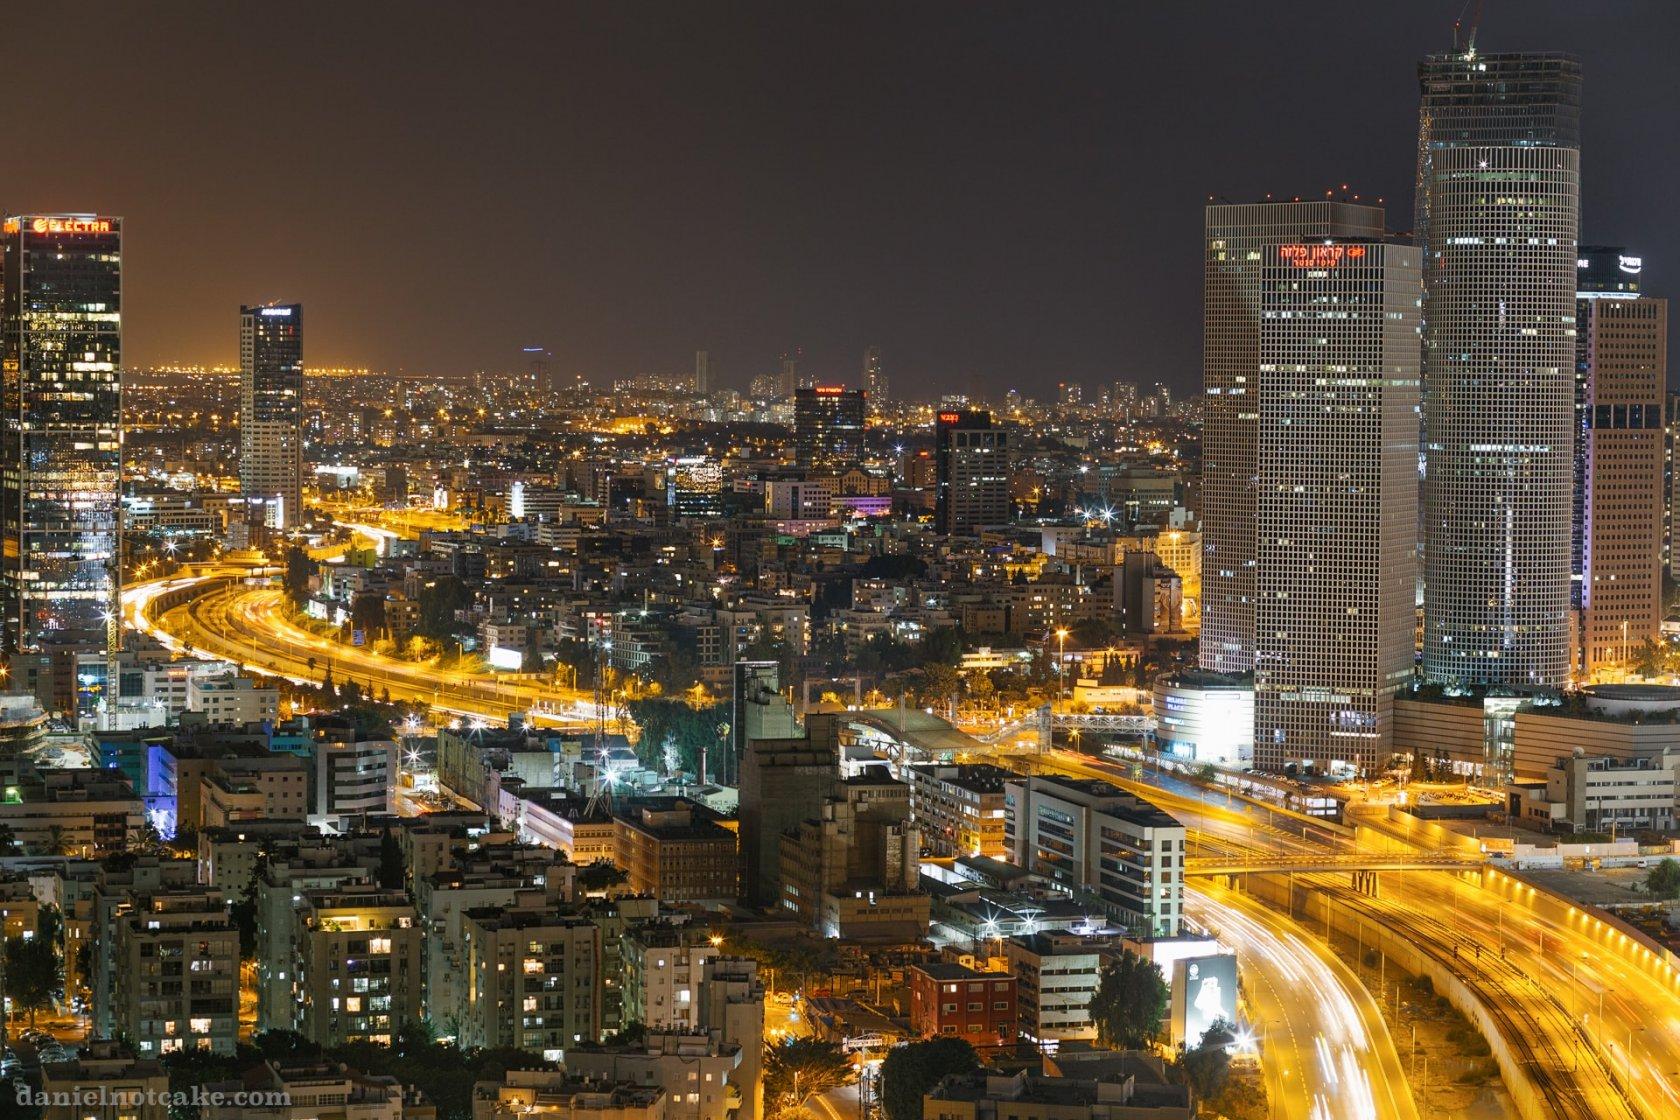 Как сейчас выглядит город детройт фото хостел